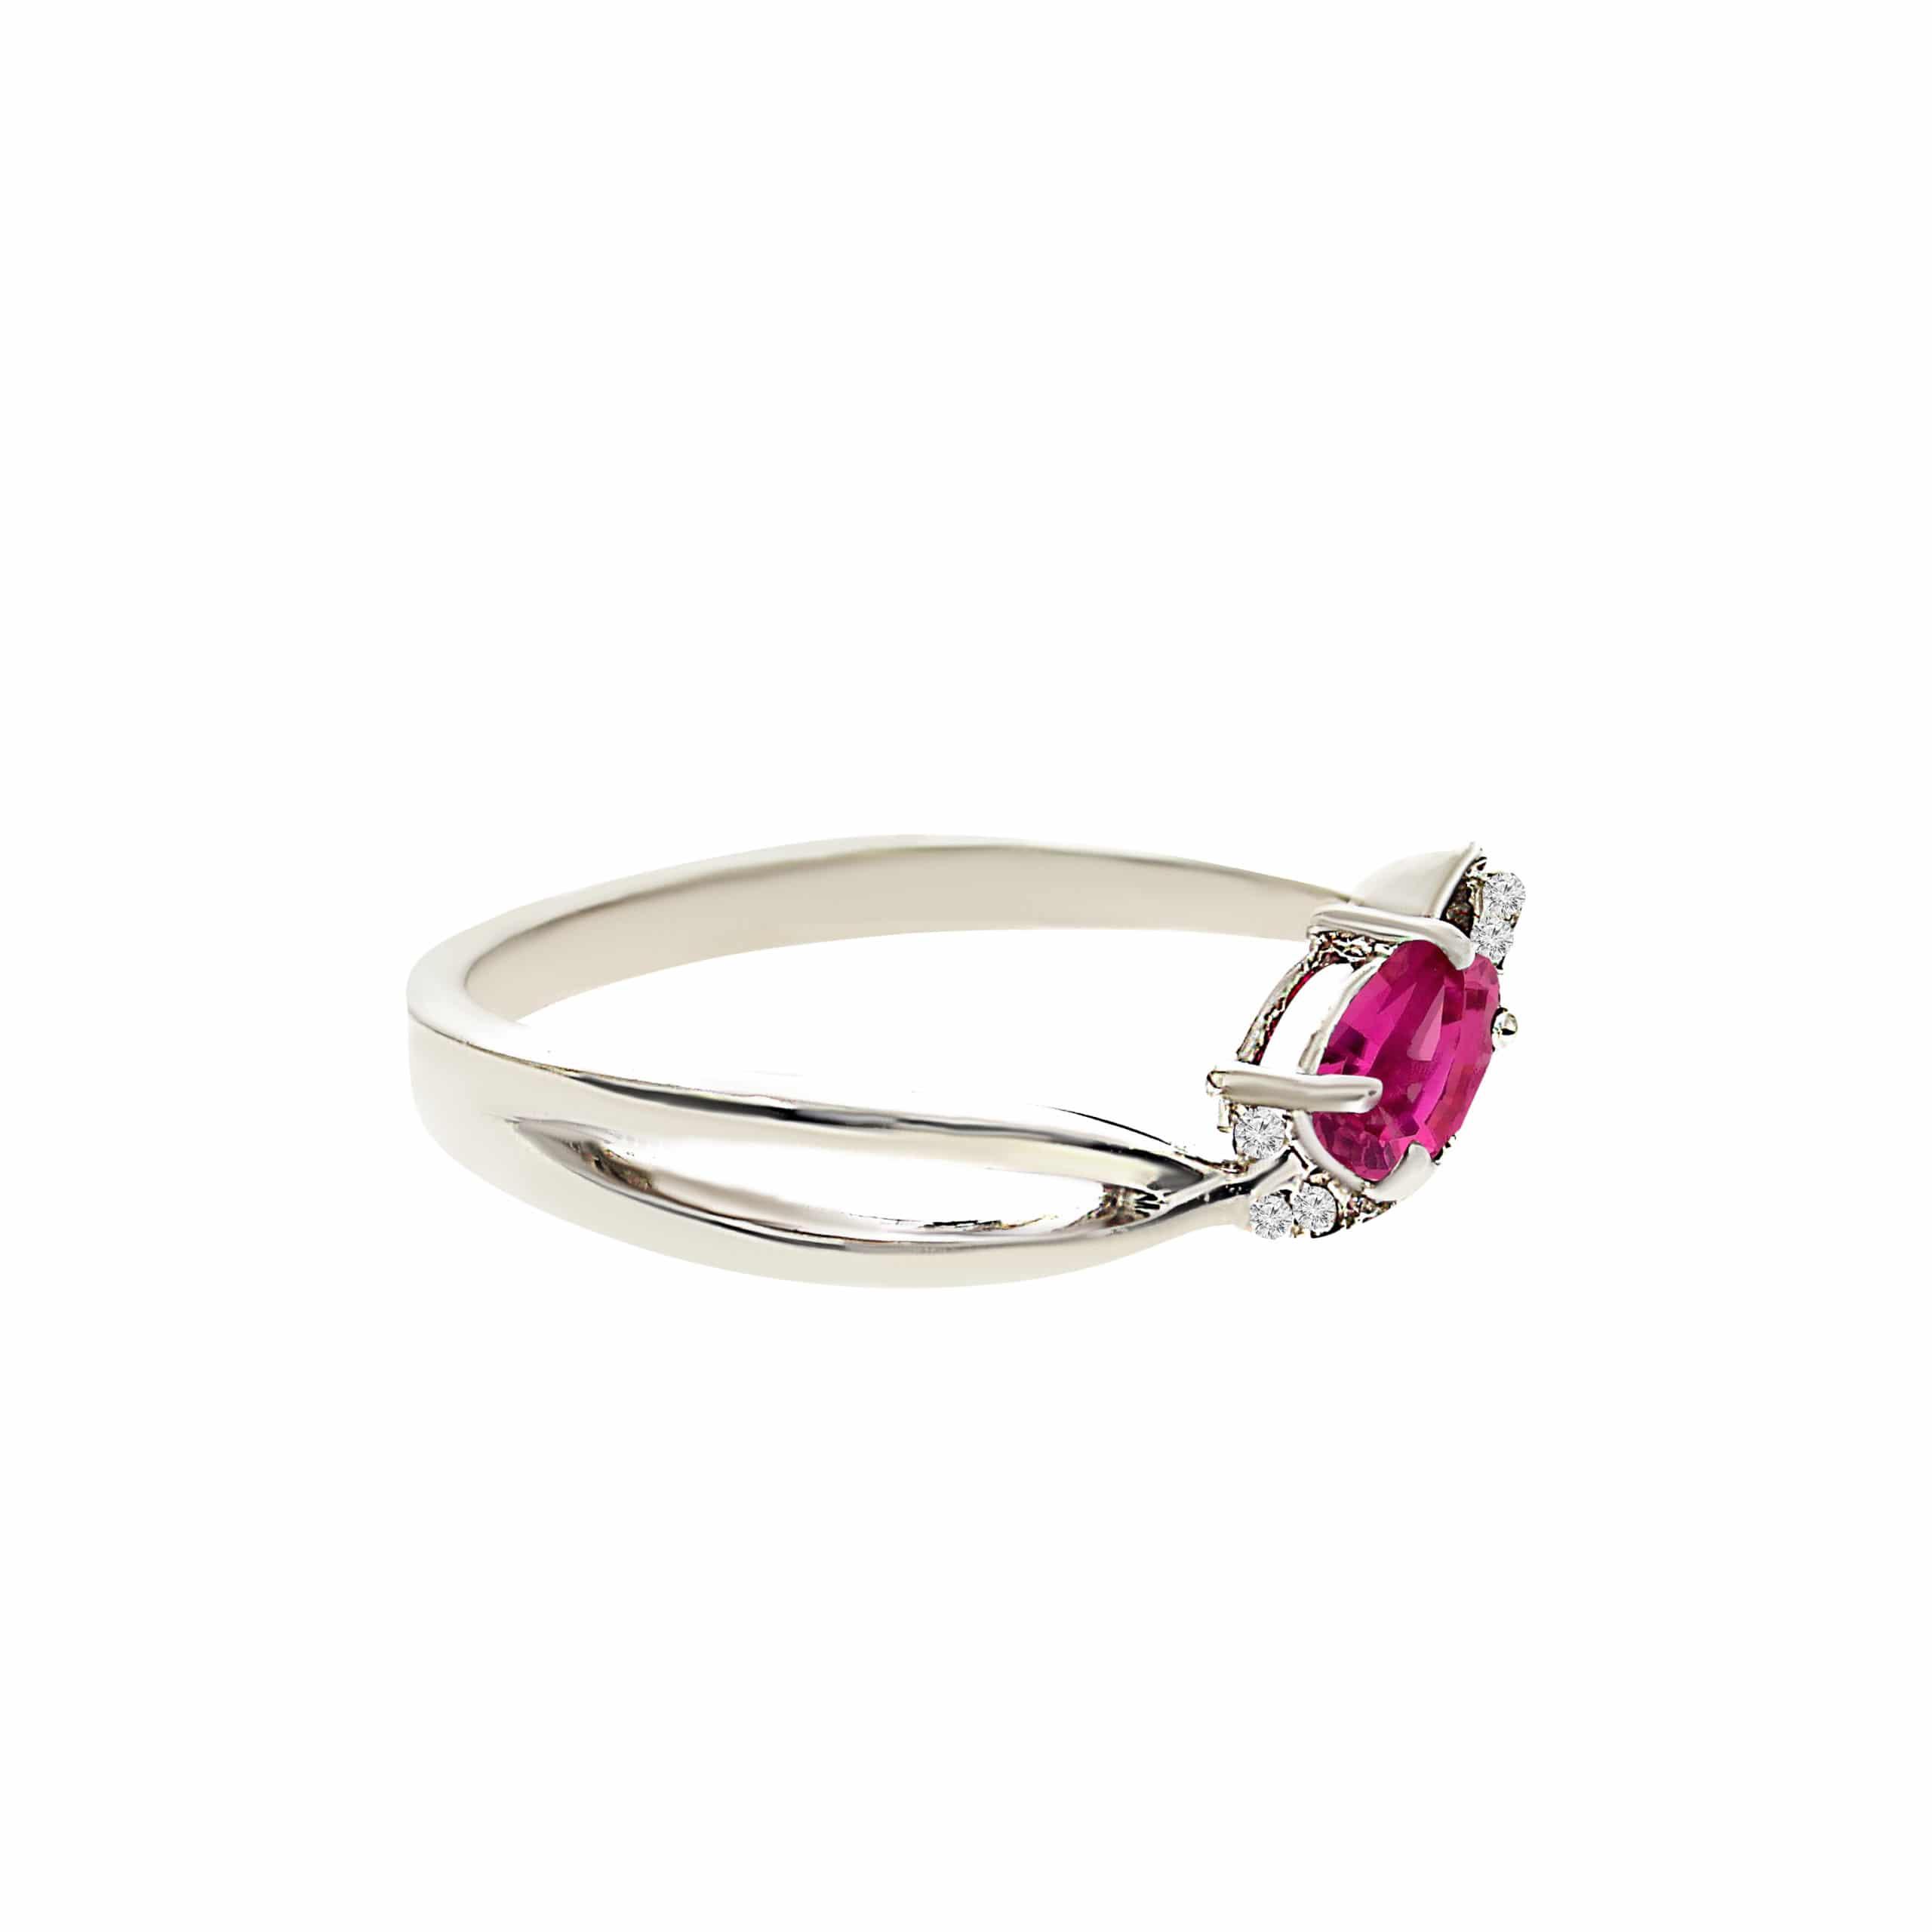 טבעת אבן רובי 0.27 קראט, זהב -לבן 14 קראט, בשיבוץ יהלומים